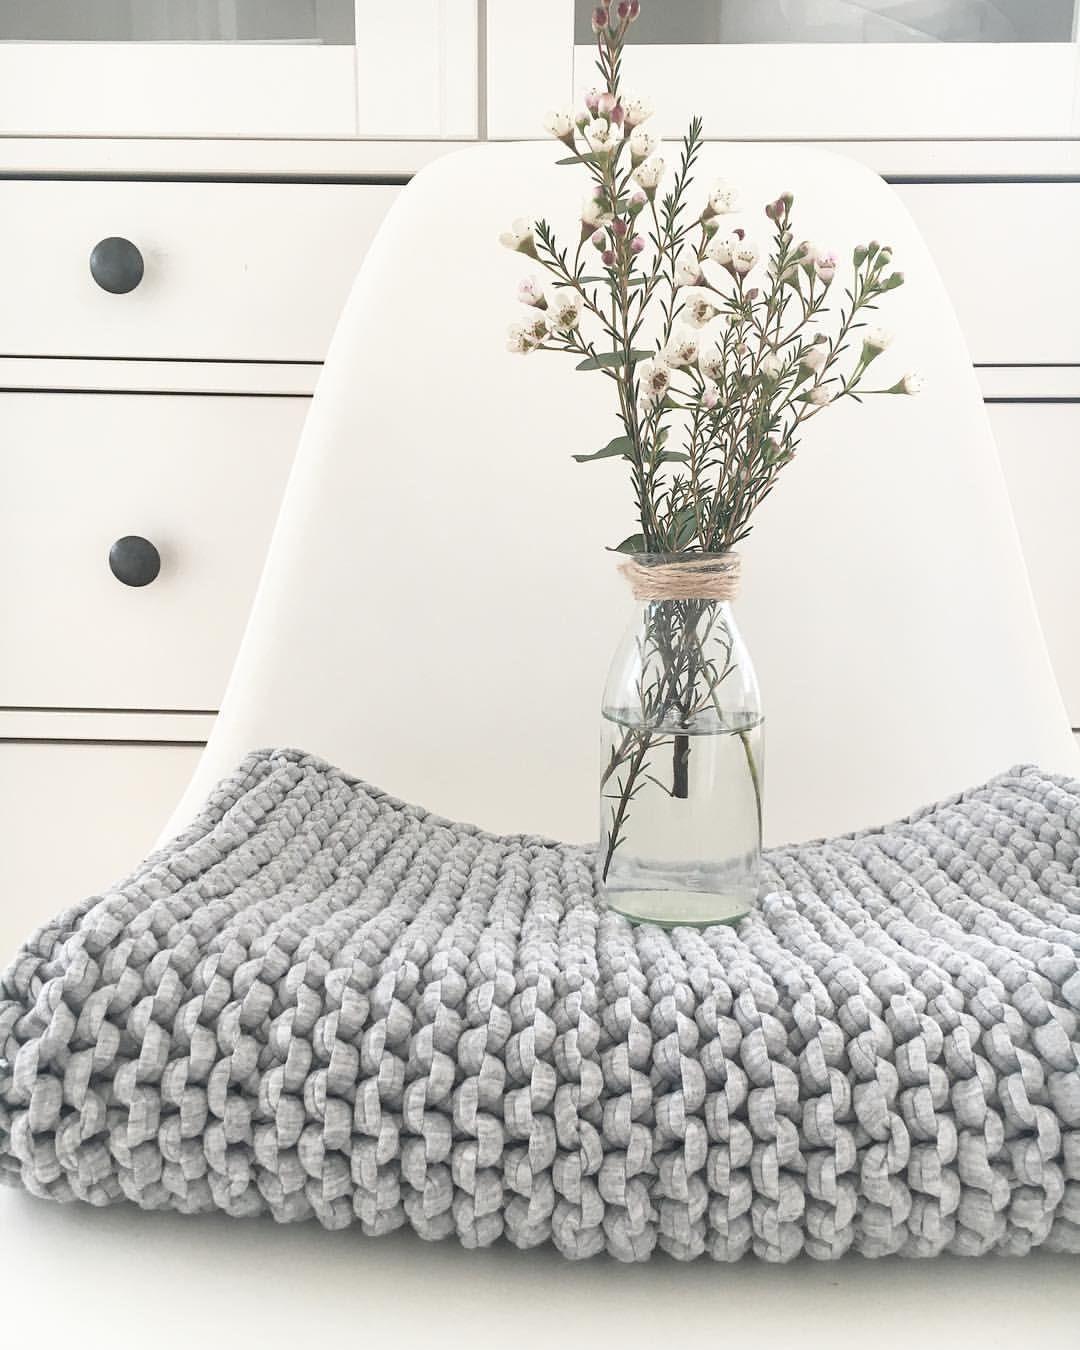 Weiße Möbel, Ein Teppich Aus Hellgrauem Recyclingmaterial